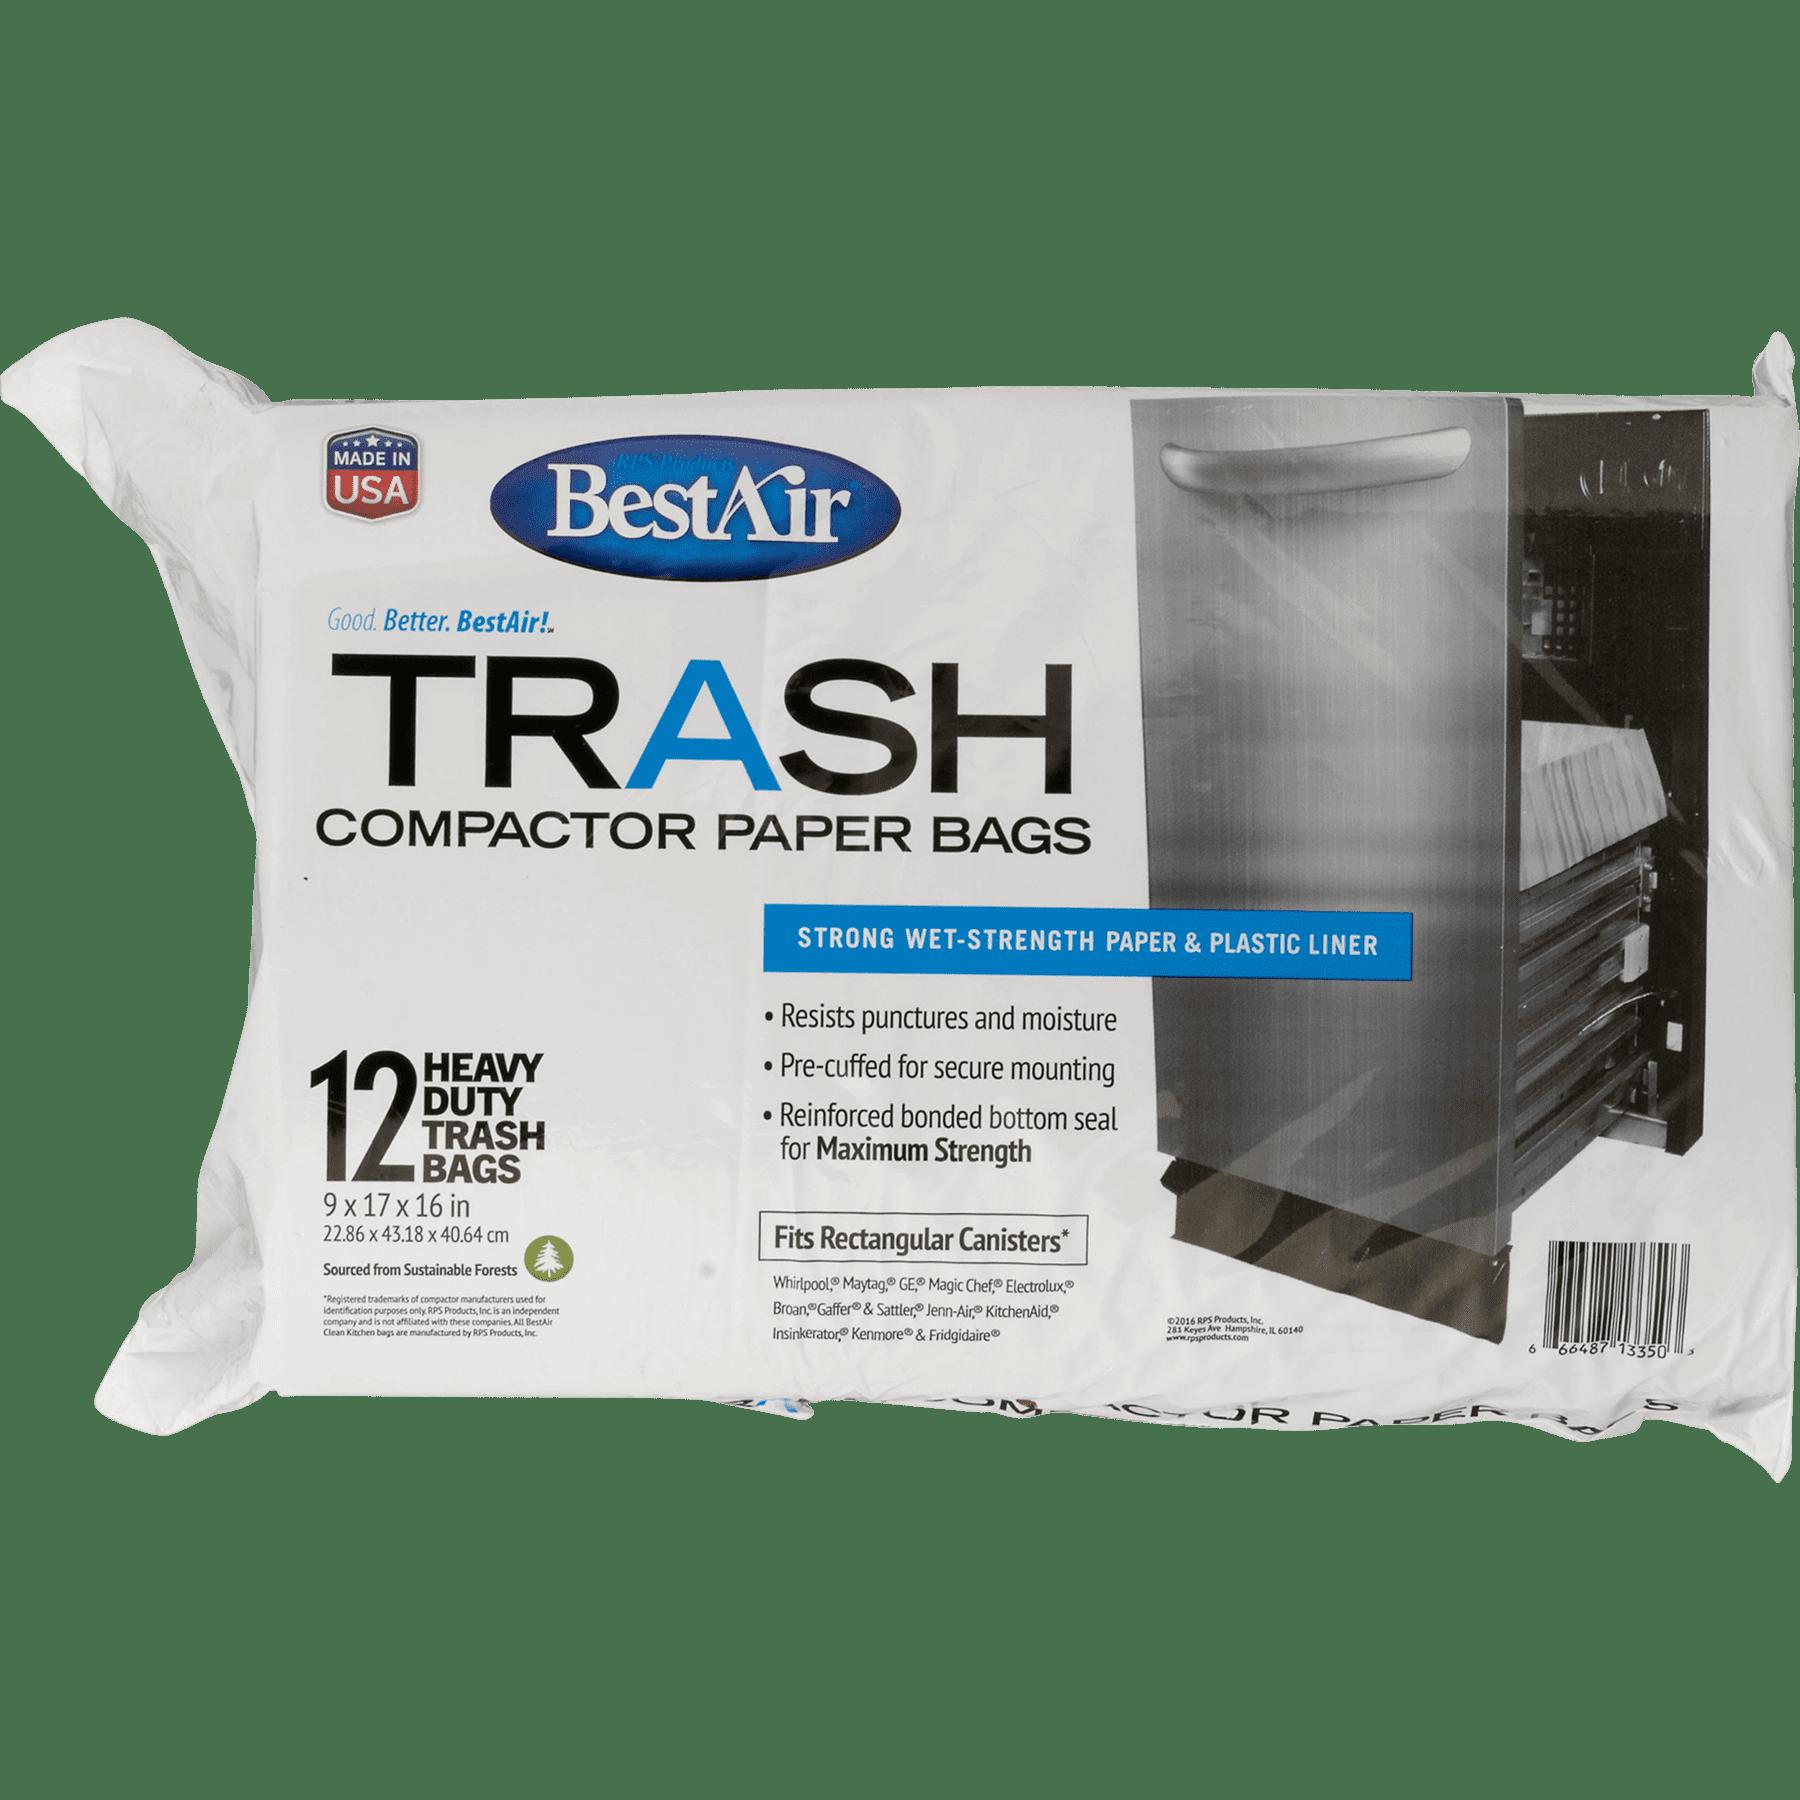 Louis Vuitton Trash Bags Paper Vs Plastic Trash Compactor Bags Best Model Bag 2018